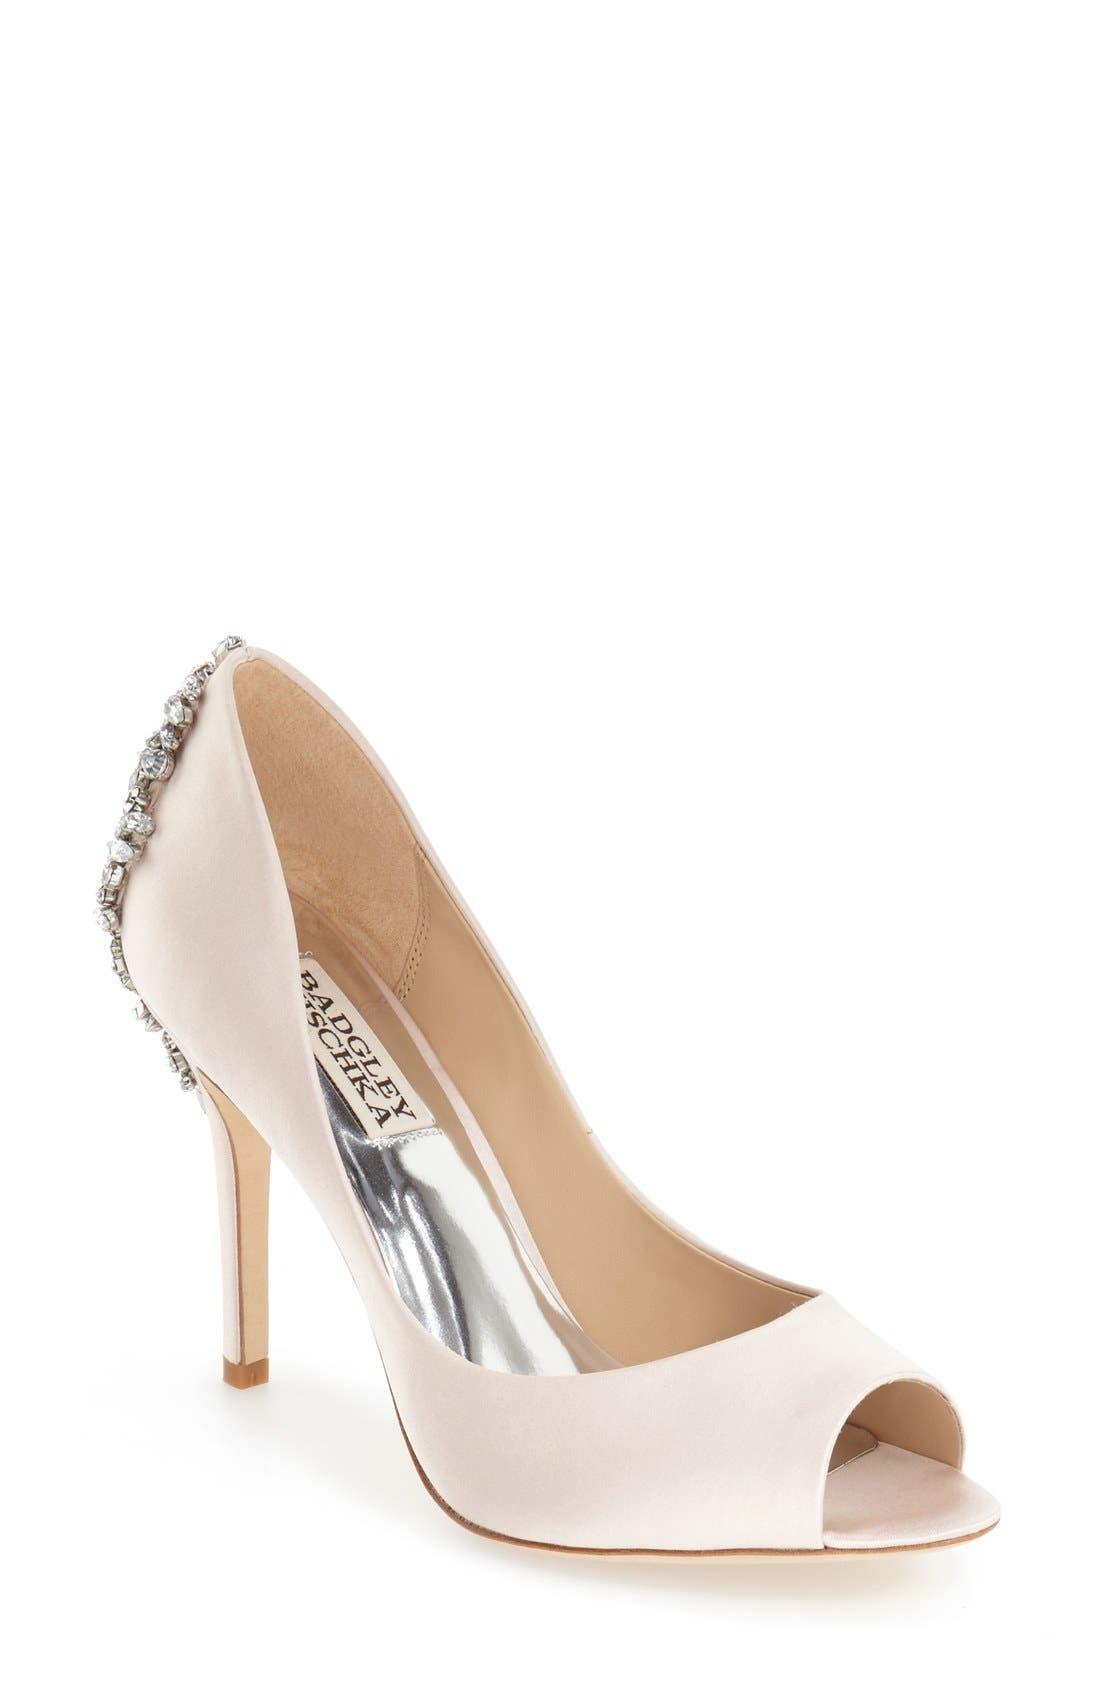 Badgley Mischka Wedding Shoes Nordstrom